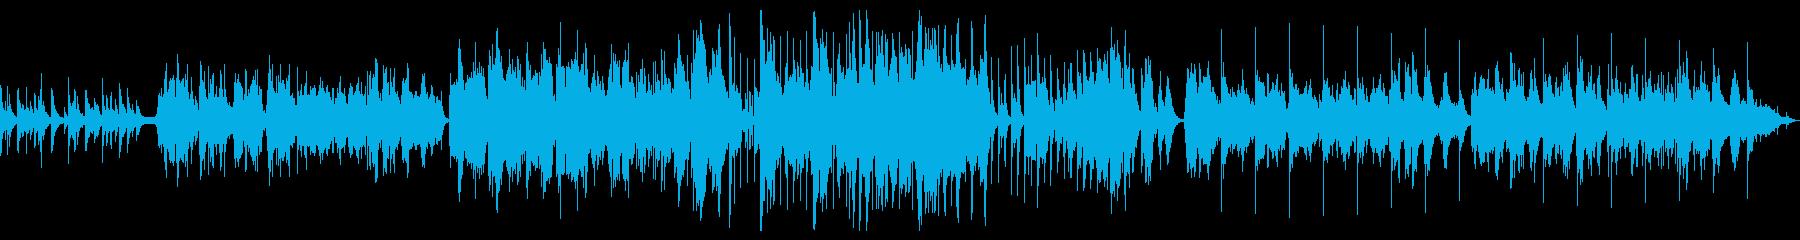 万葉集をテーマにした和風BGMの再生済みの波形